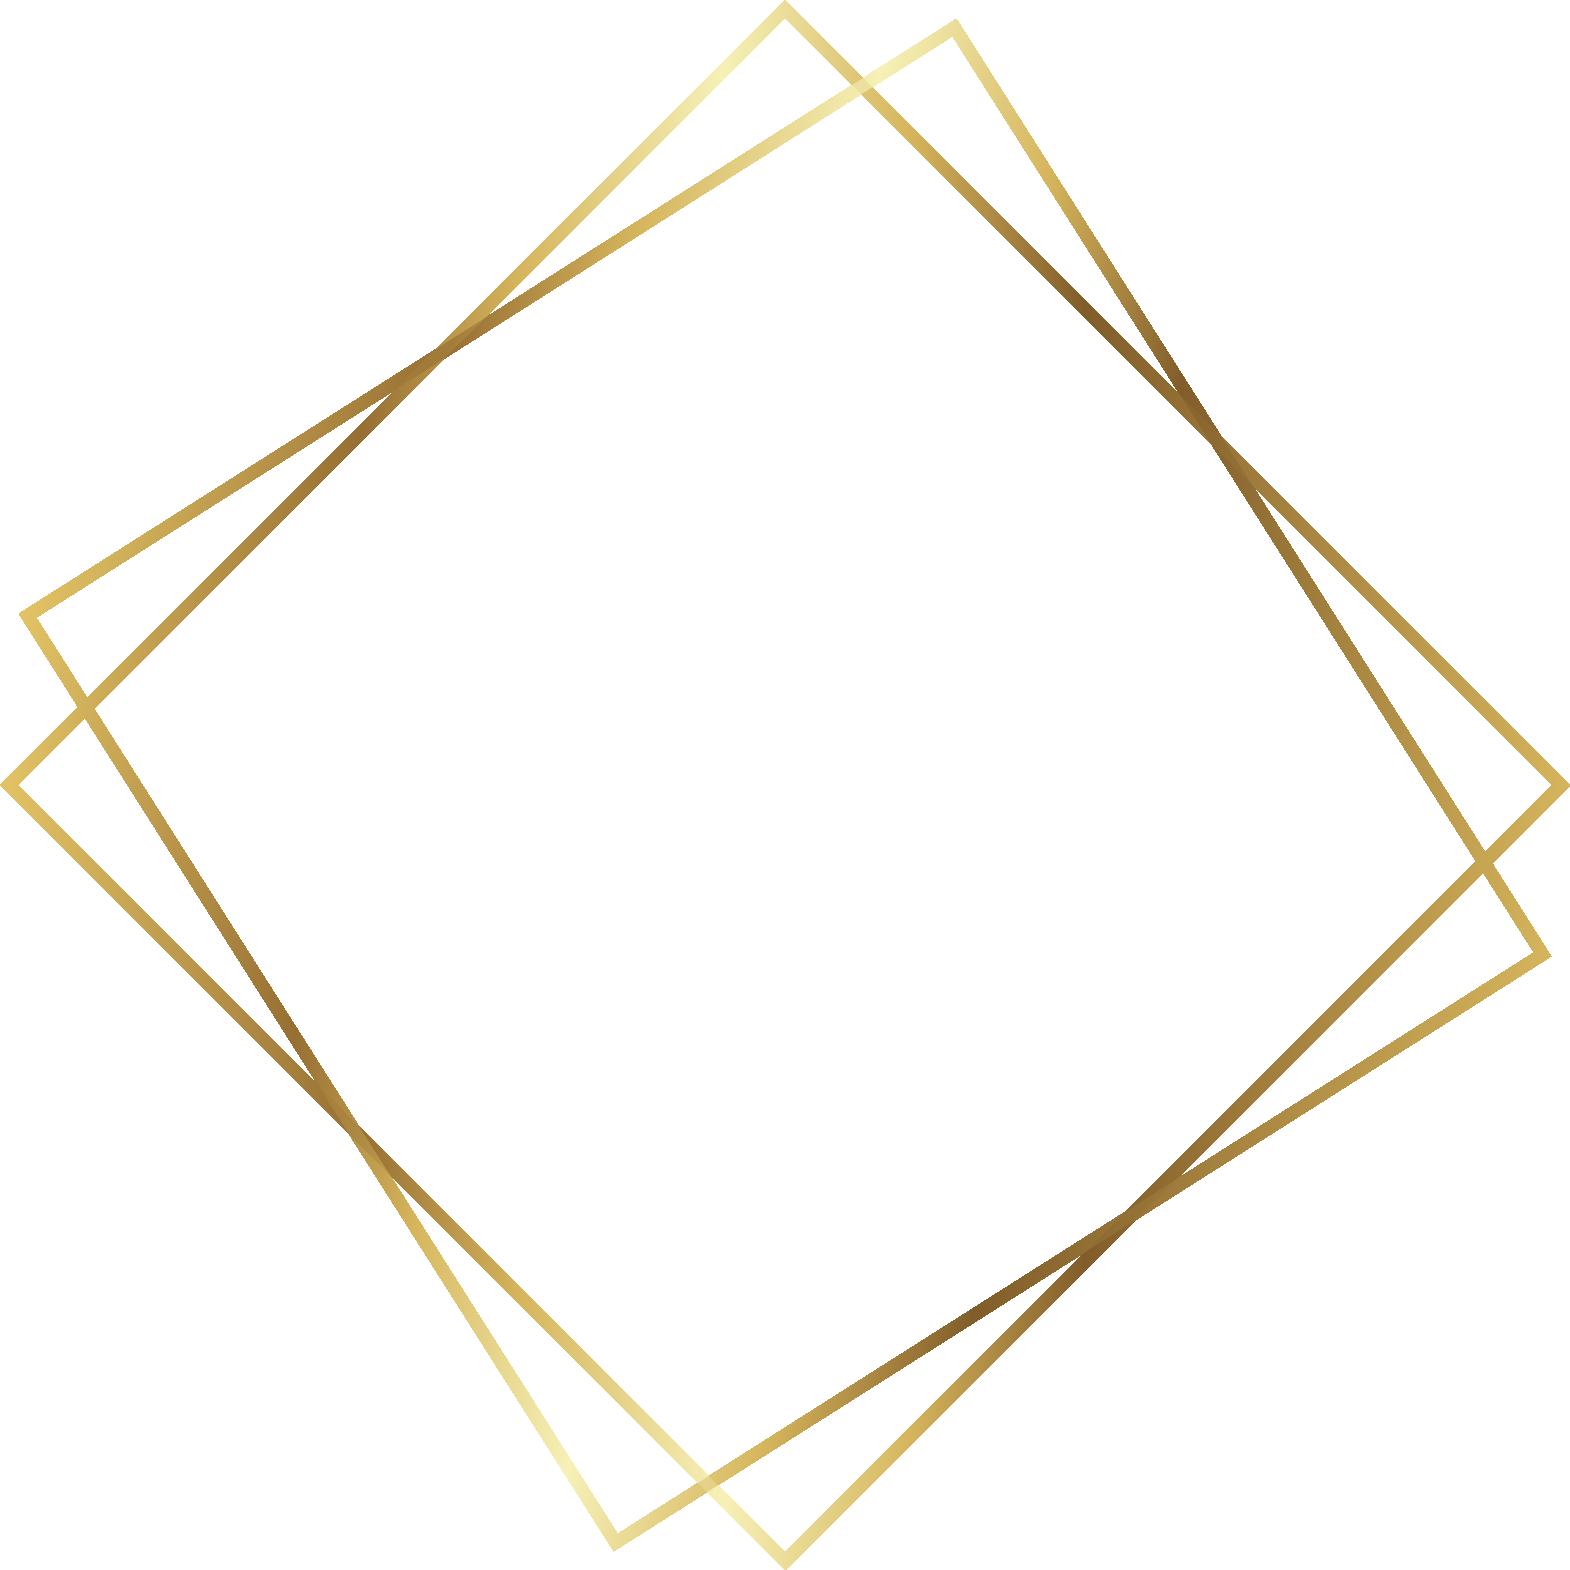 خزانة الثياب تشكيل المحتمل اطار ذهبي سكرابز Dsvdedommel Com